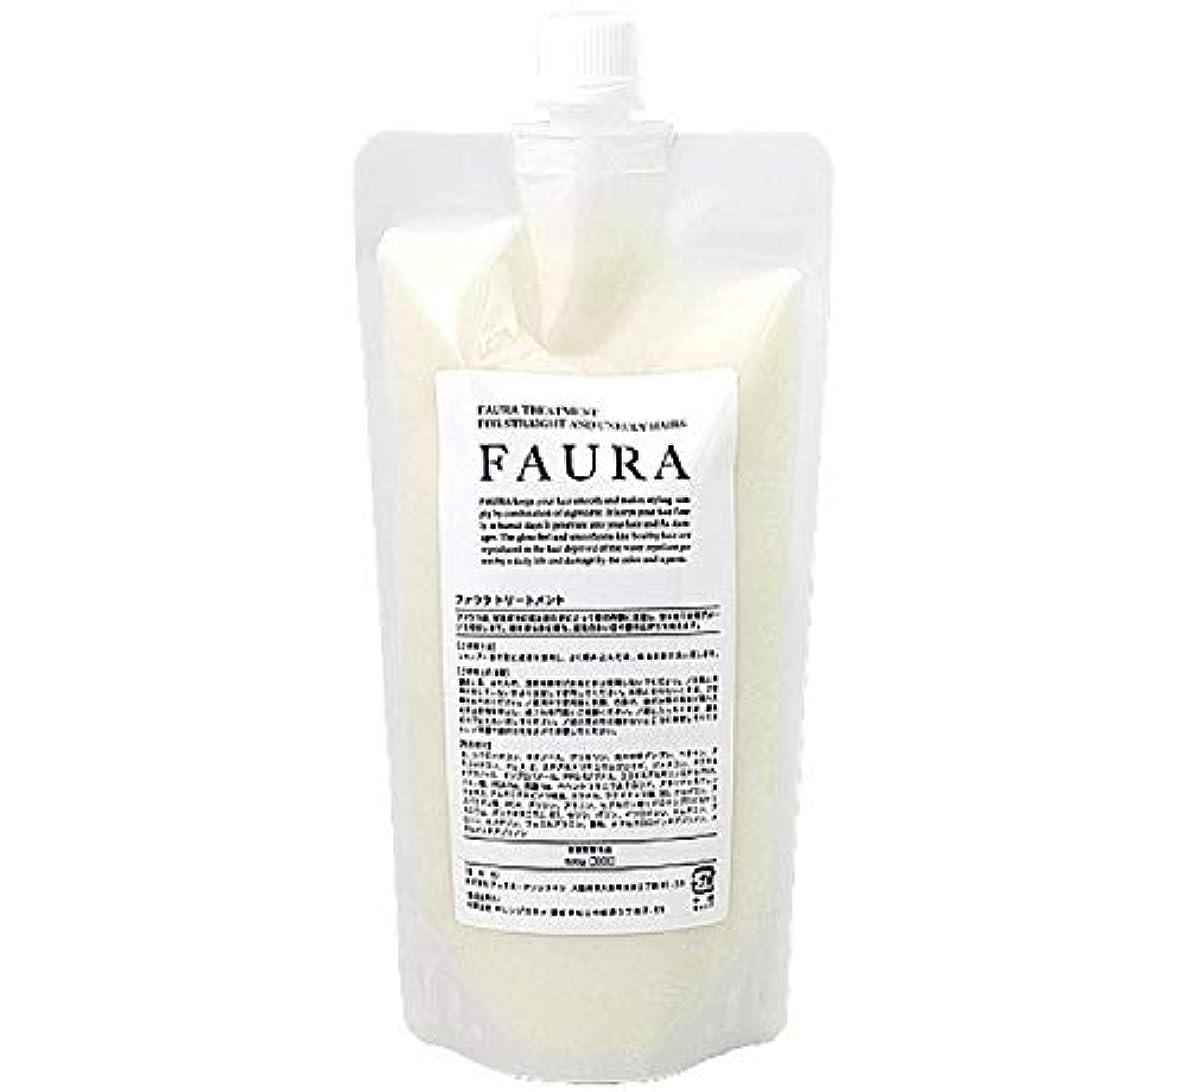 教室皮肉な広範囲に【発売1年で3万本の売上】FAURA ファウラ ヘアトリートメント (傷んだ髪に) 詰替500g 【サロン専売品】